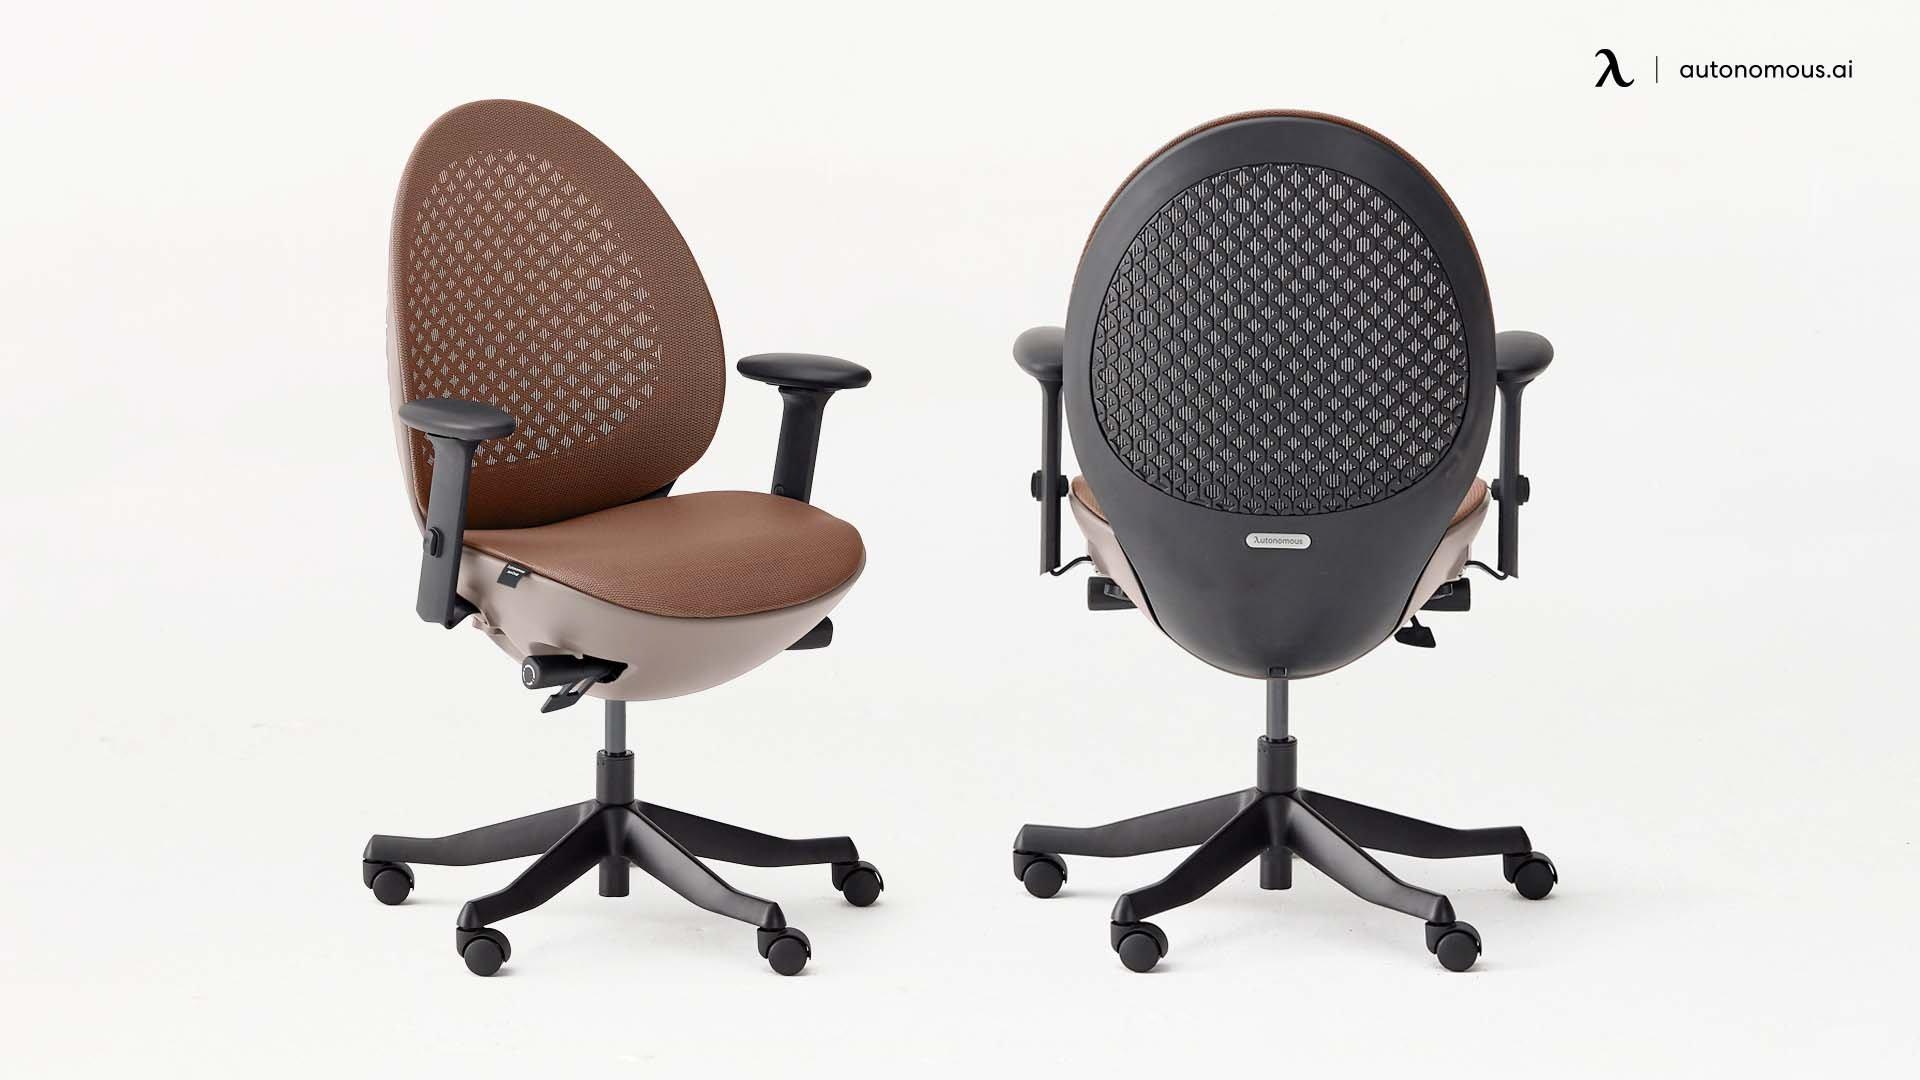 Autonomous Avo Chair